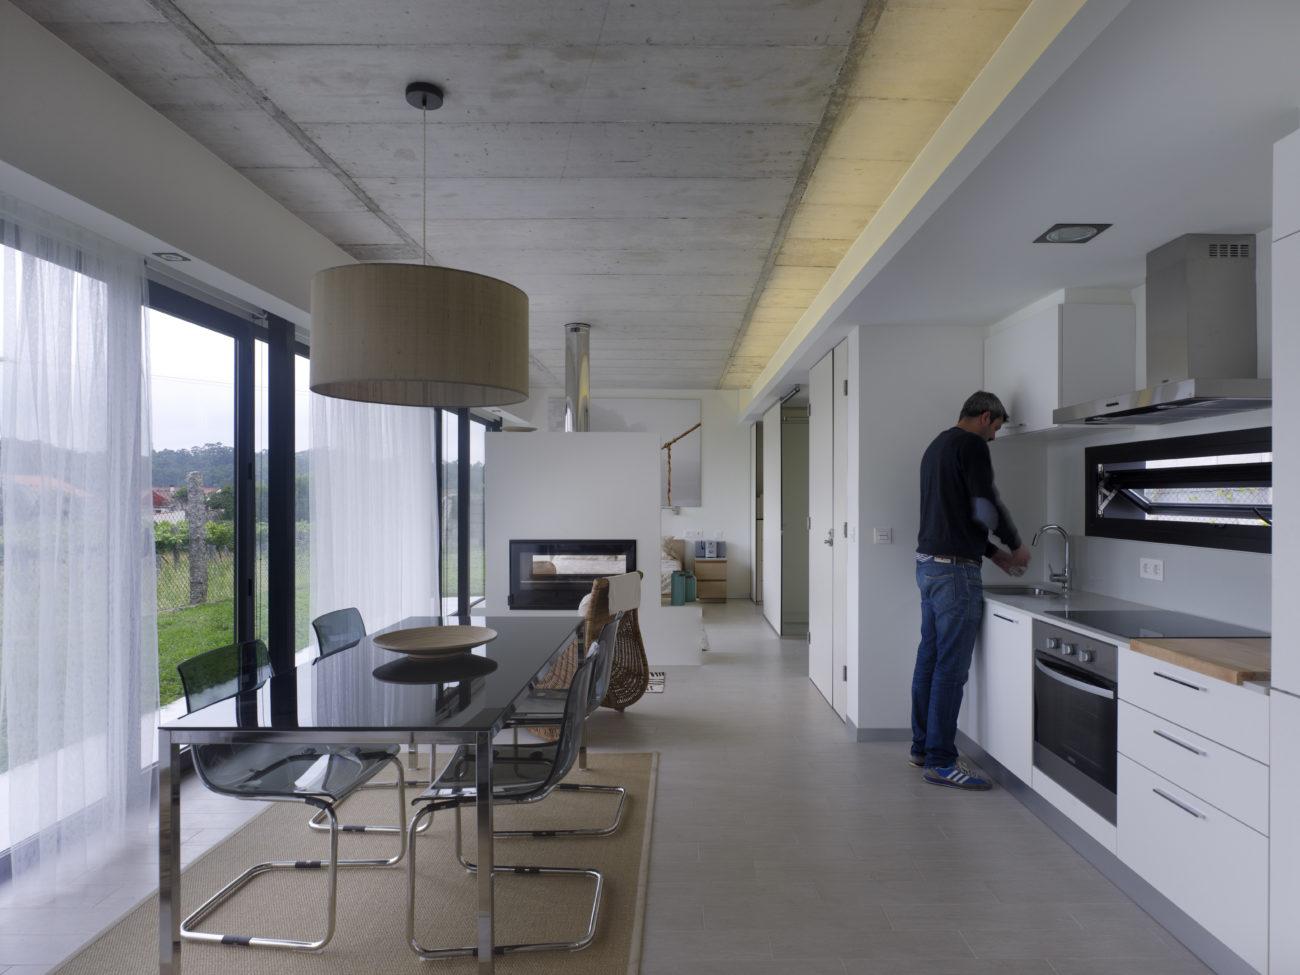 madrid nanarquitectos nancontract interiorismo diseño reformas pontevedra casa villagarcía